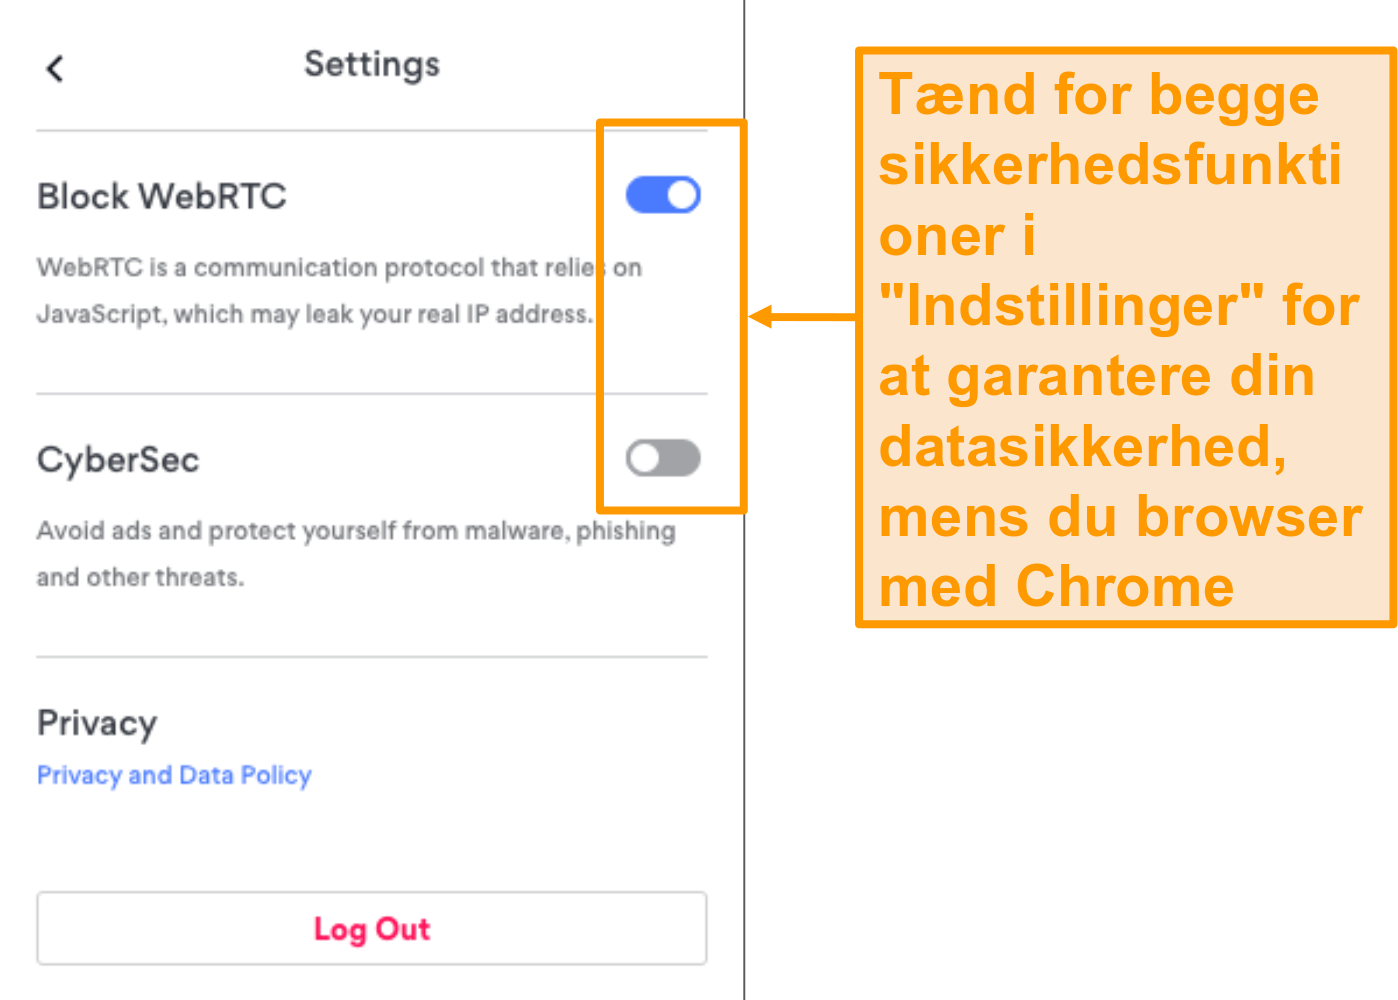 Skærmbillede af NordVPNs sikkerhedsfunktioner i Chrome-browserudvidelse.